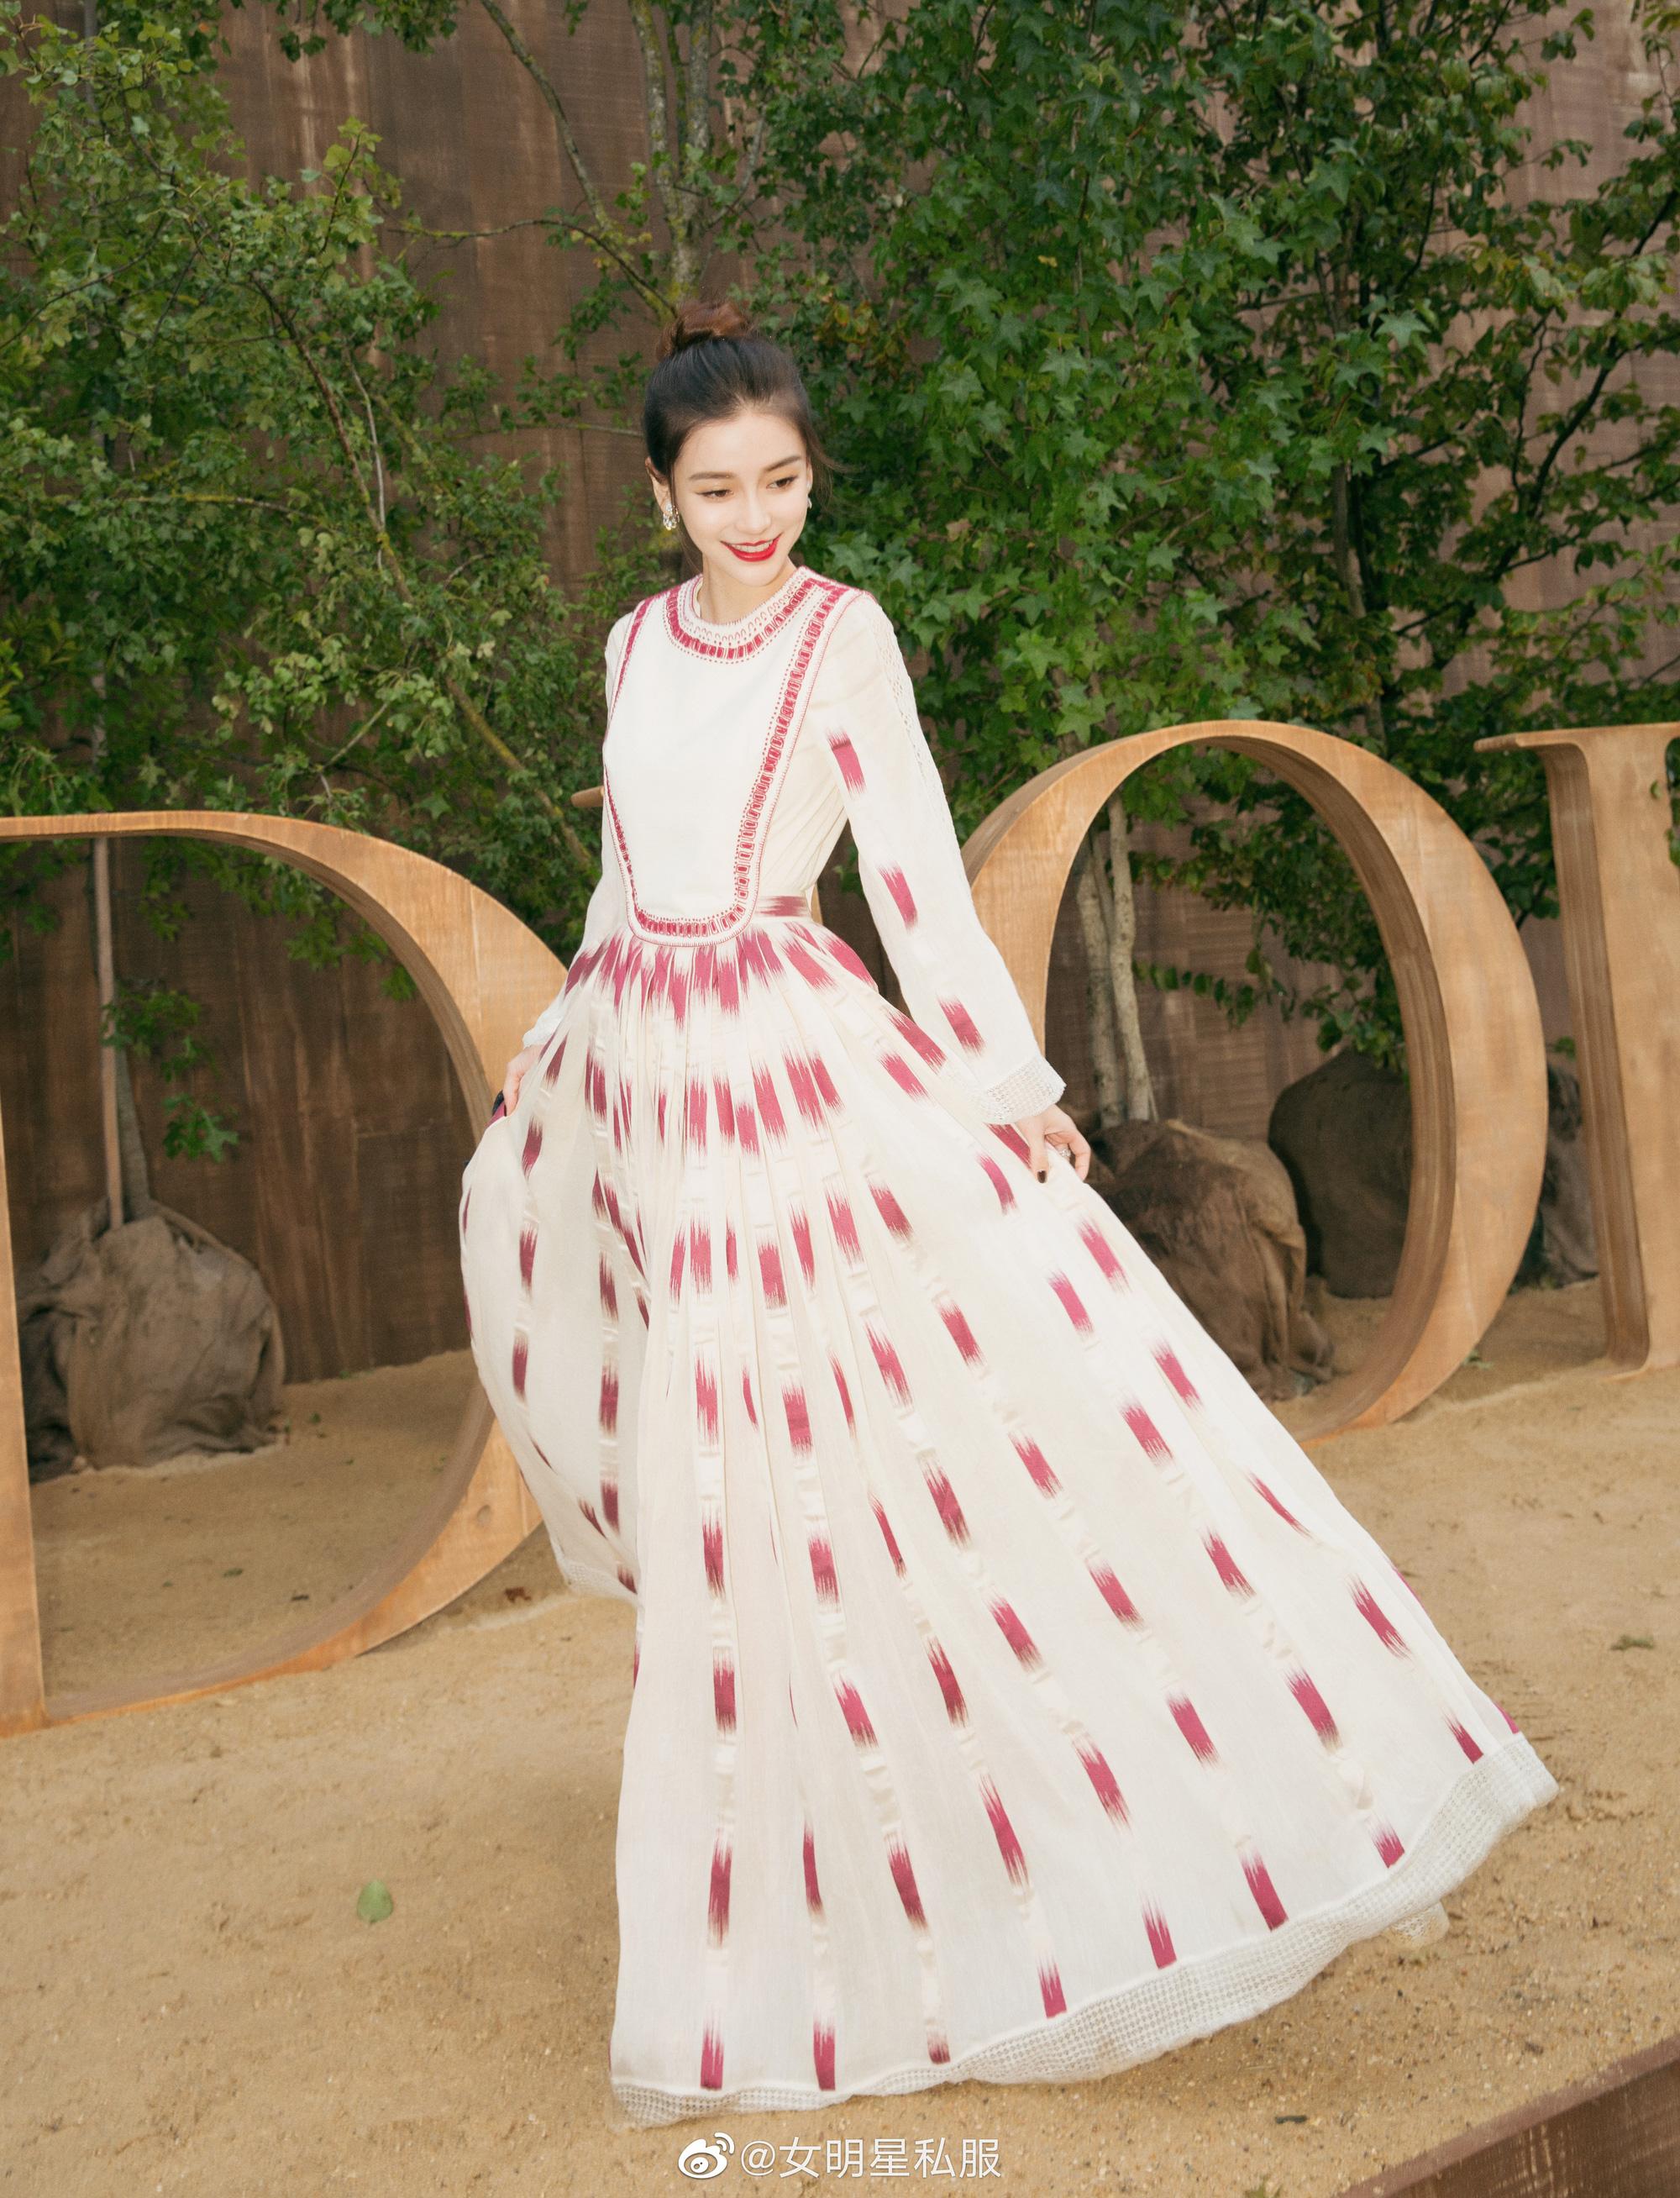 """Angela Baby cũng phải """"xin thua"""" Hoa hậu Hong Kong Viên Vịnh Nghi khi lệch gần 20 tuổi mà vẫn đẹp như tiên tử dù diện váy kín bưng - Ảnh 3."""